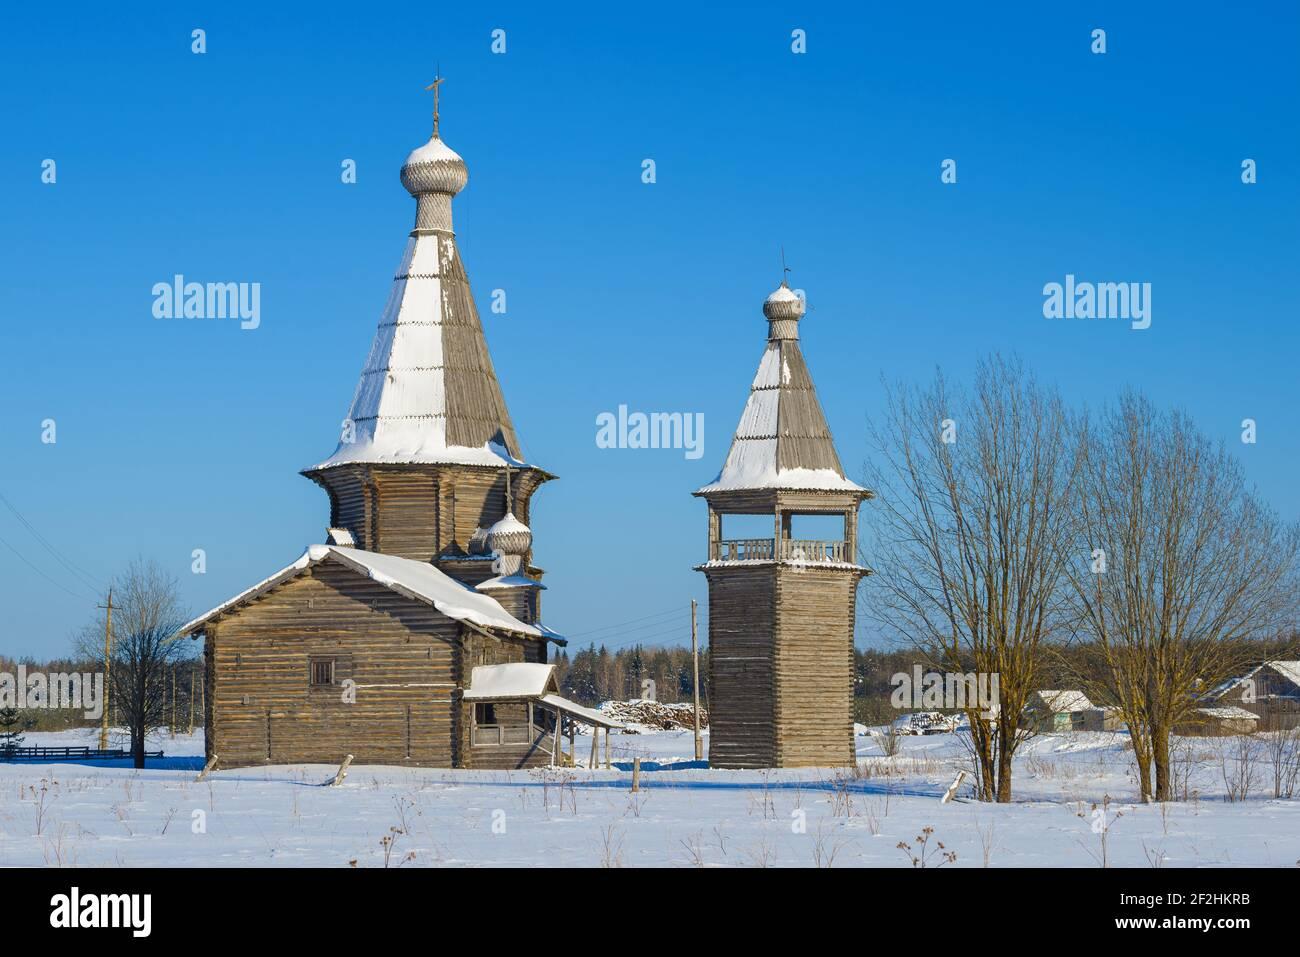 Vue sur l'ancienne église de Saint-Jean Chrysostome avec un clocher (1665) le jour ensoleillé de février. Saunino, district de Kargopol. Région d'Arkhangelsk, Russie Banque D'Images